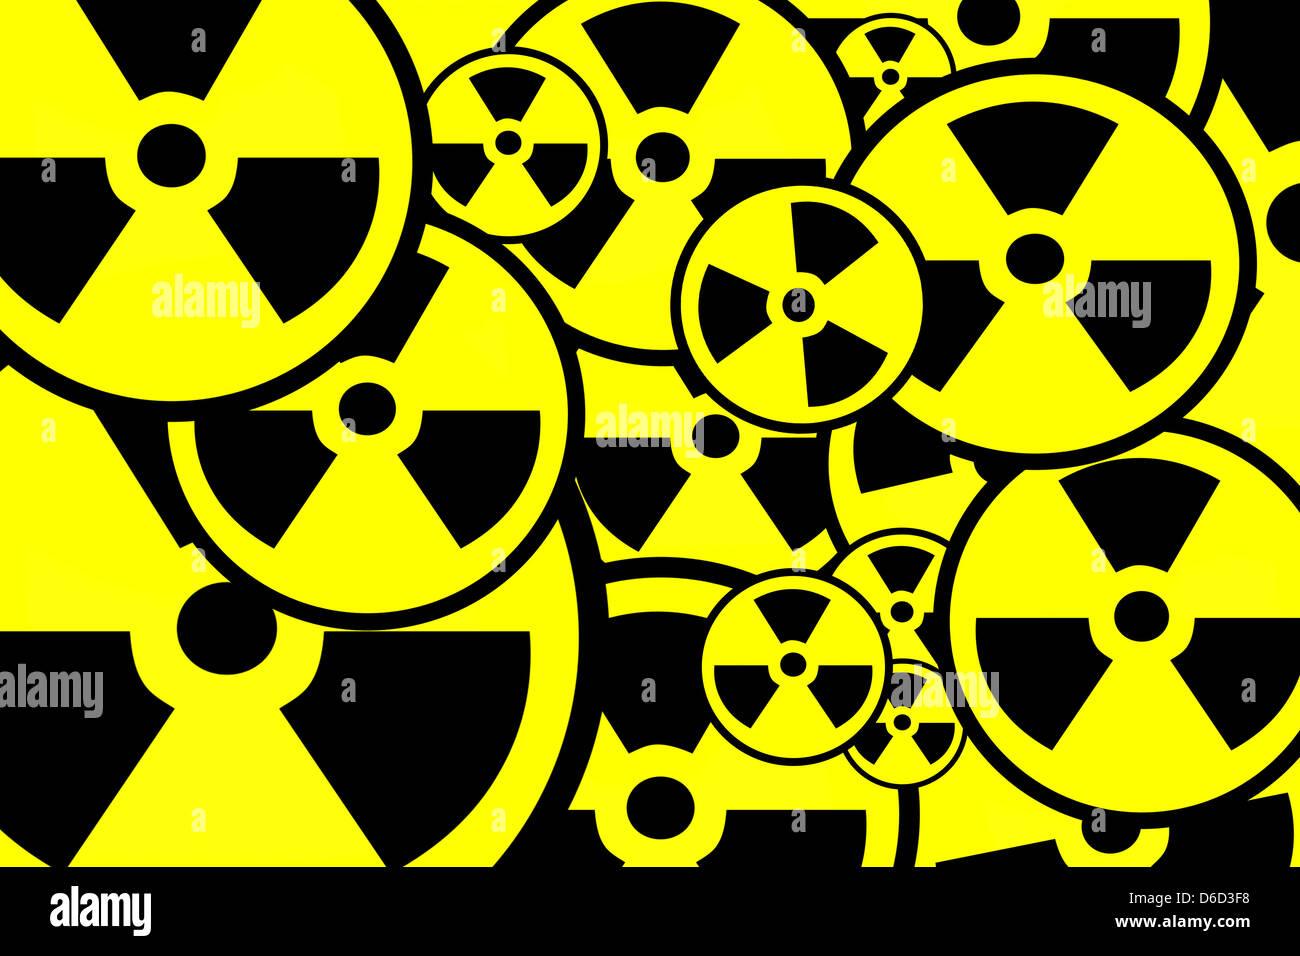 Radiation sign background - Stock Image